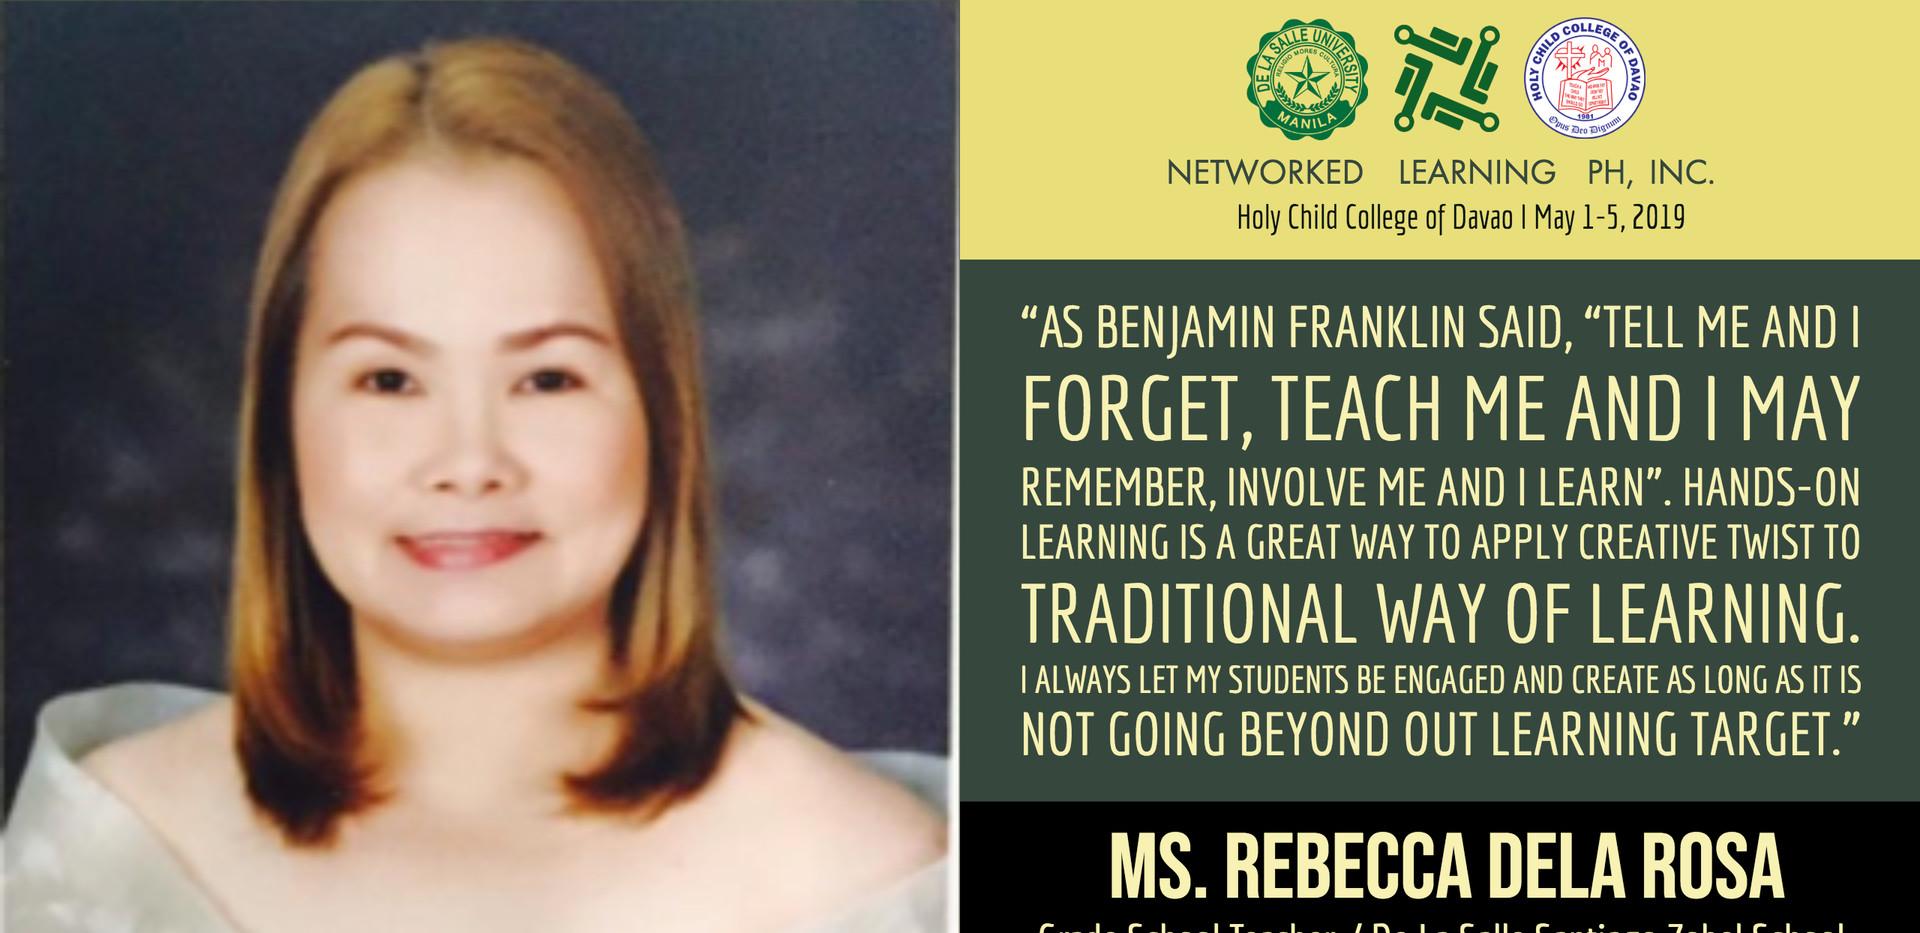 Ms. Rebecca Dela Rosa